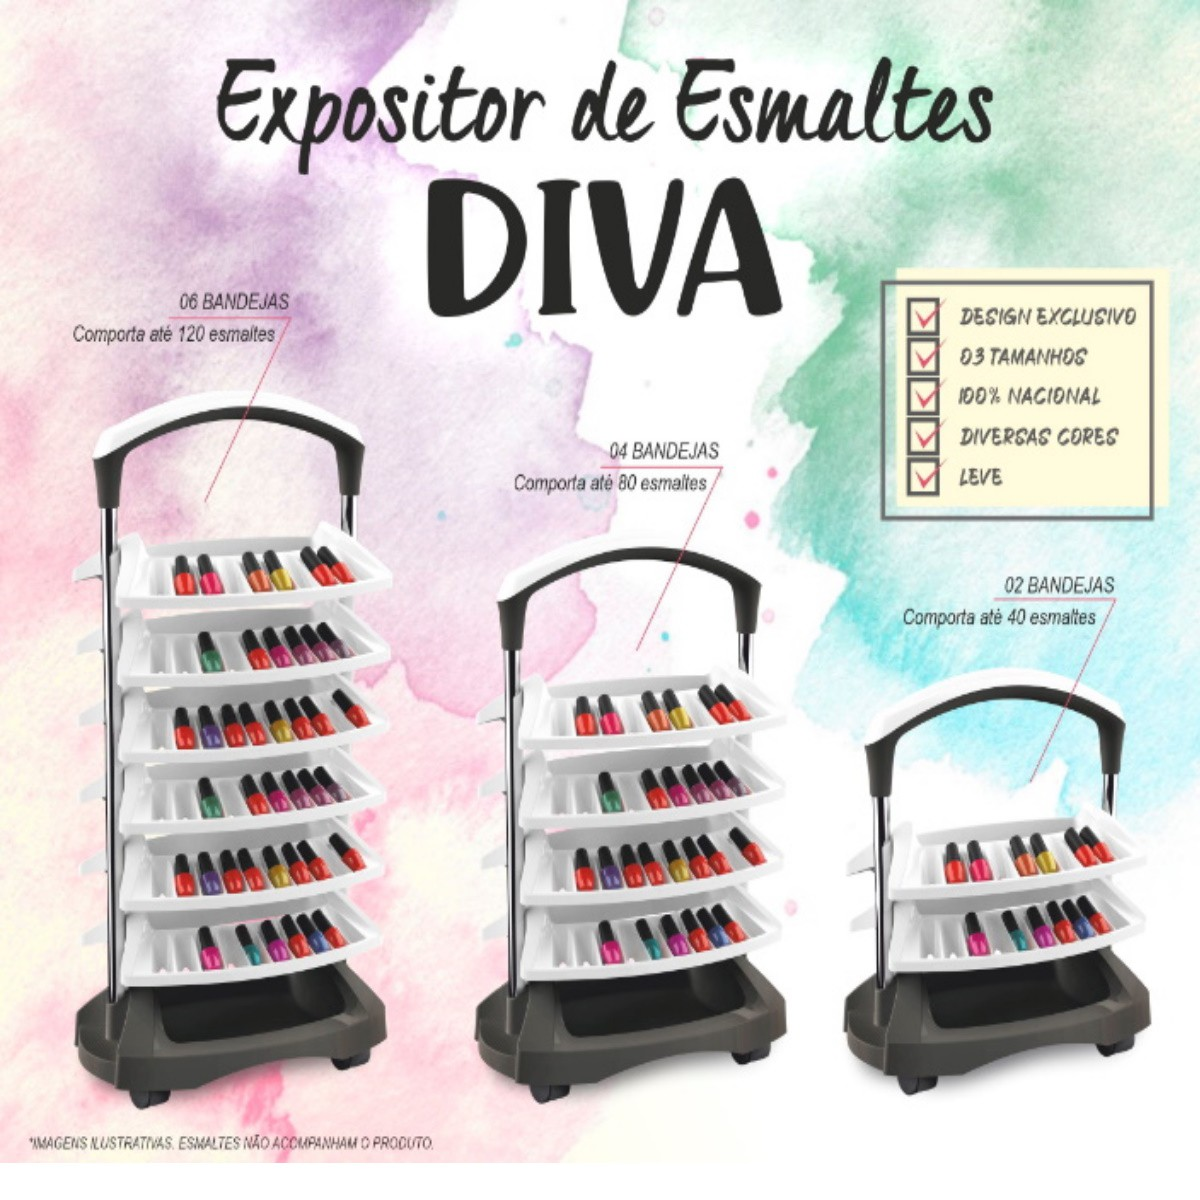 Carrinho Expositor de Esmaltes Diva 2 Bandejas (40 Esmaltes) Verde Limão